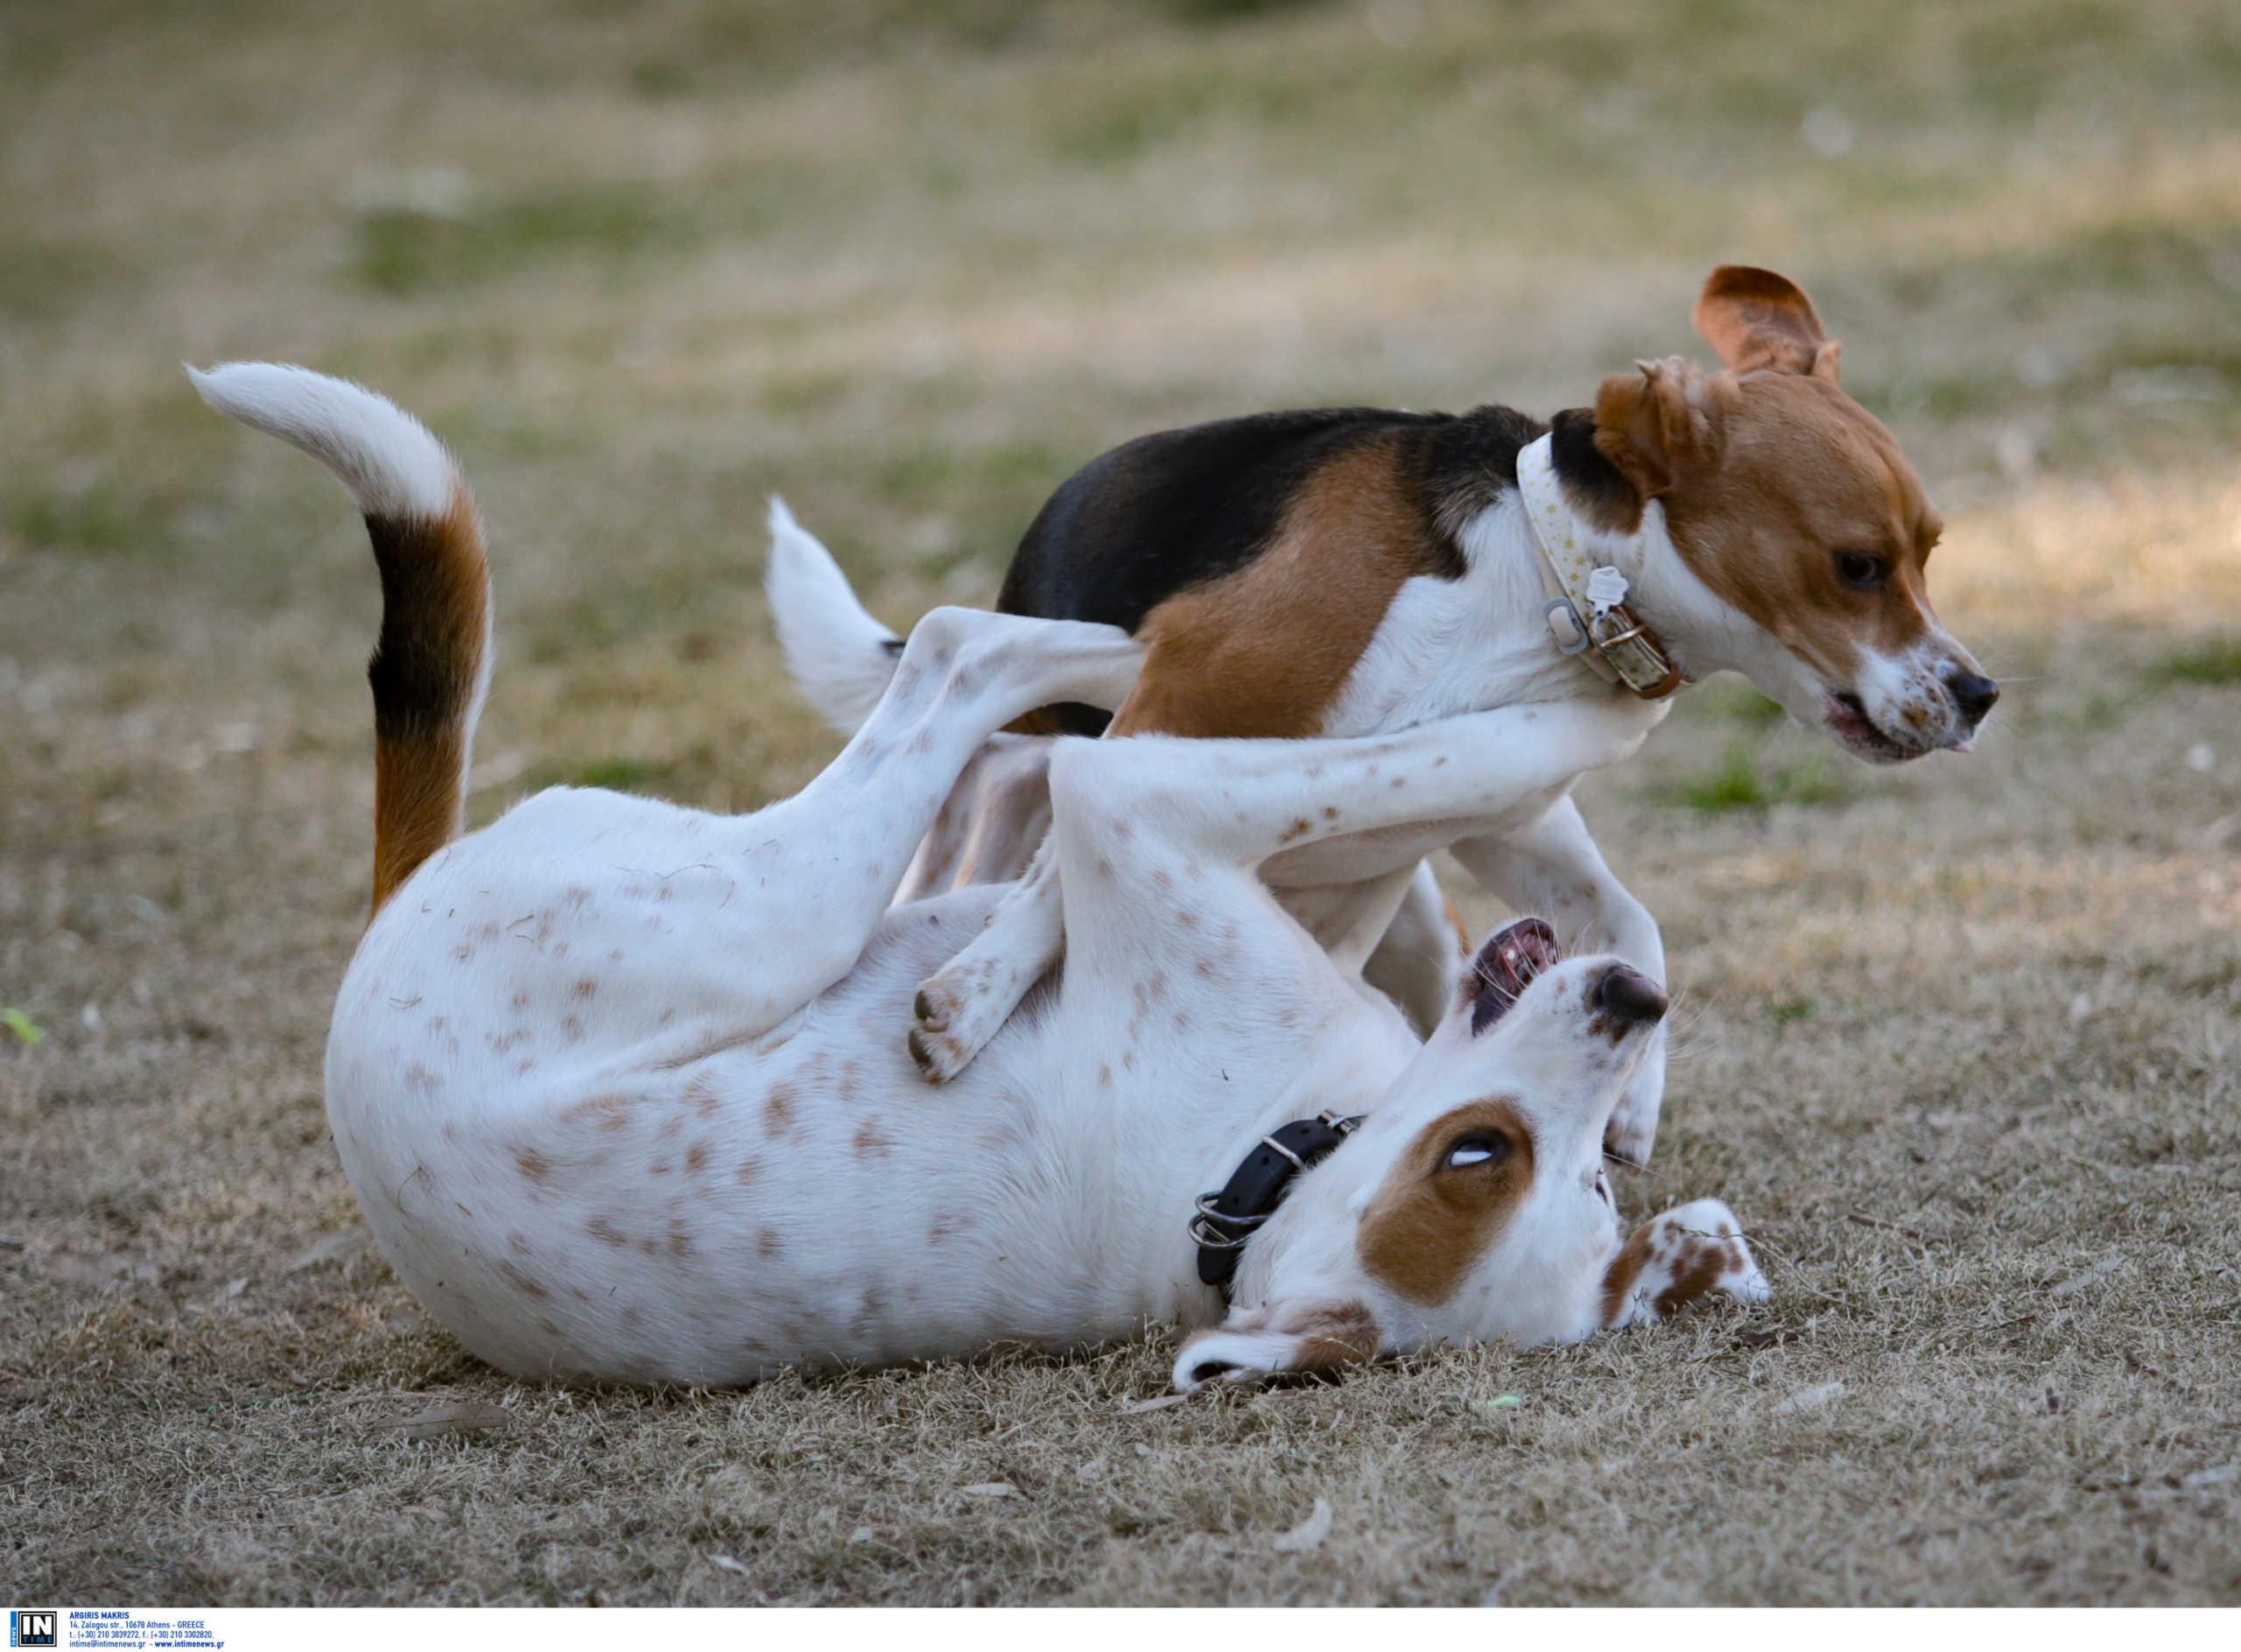 Μπαράζ δηλητηριάσεων σκύλων στην Έδεσσα – Φόλες σε πάρκο που παίζουν δεκάδες παιδιά